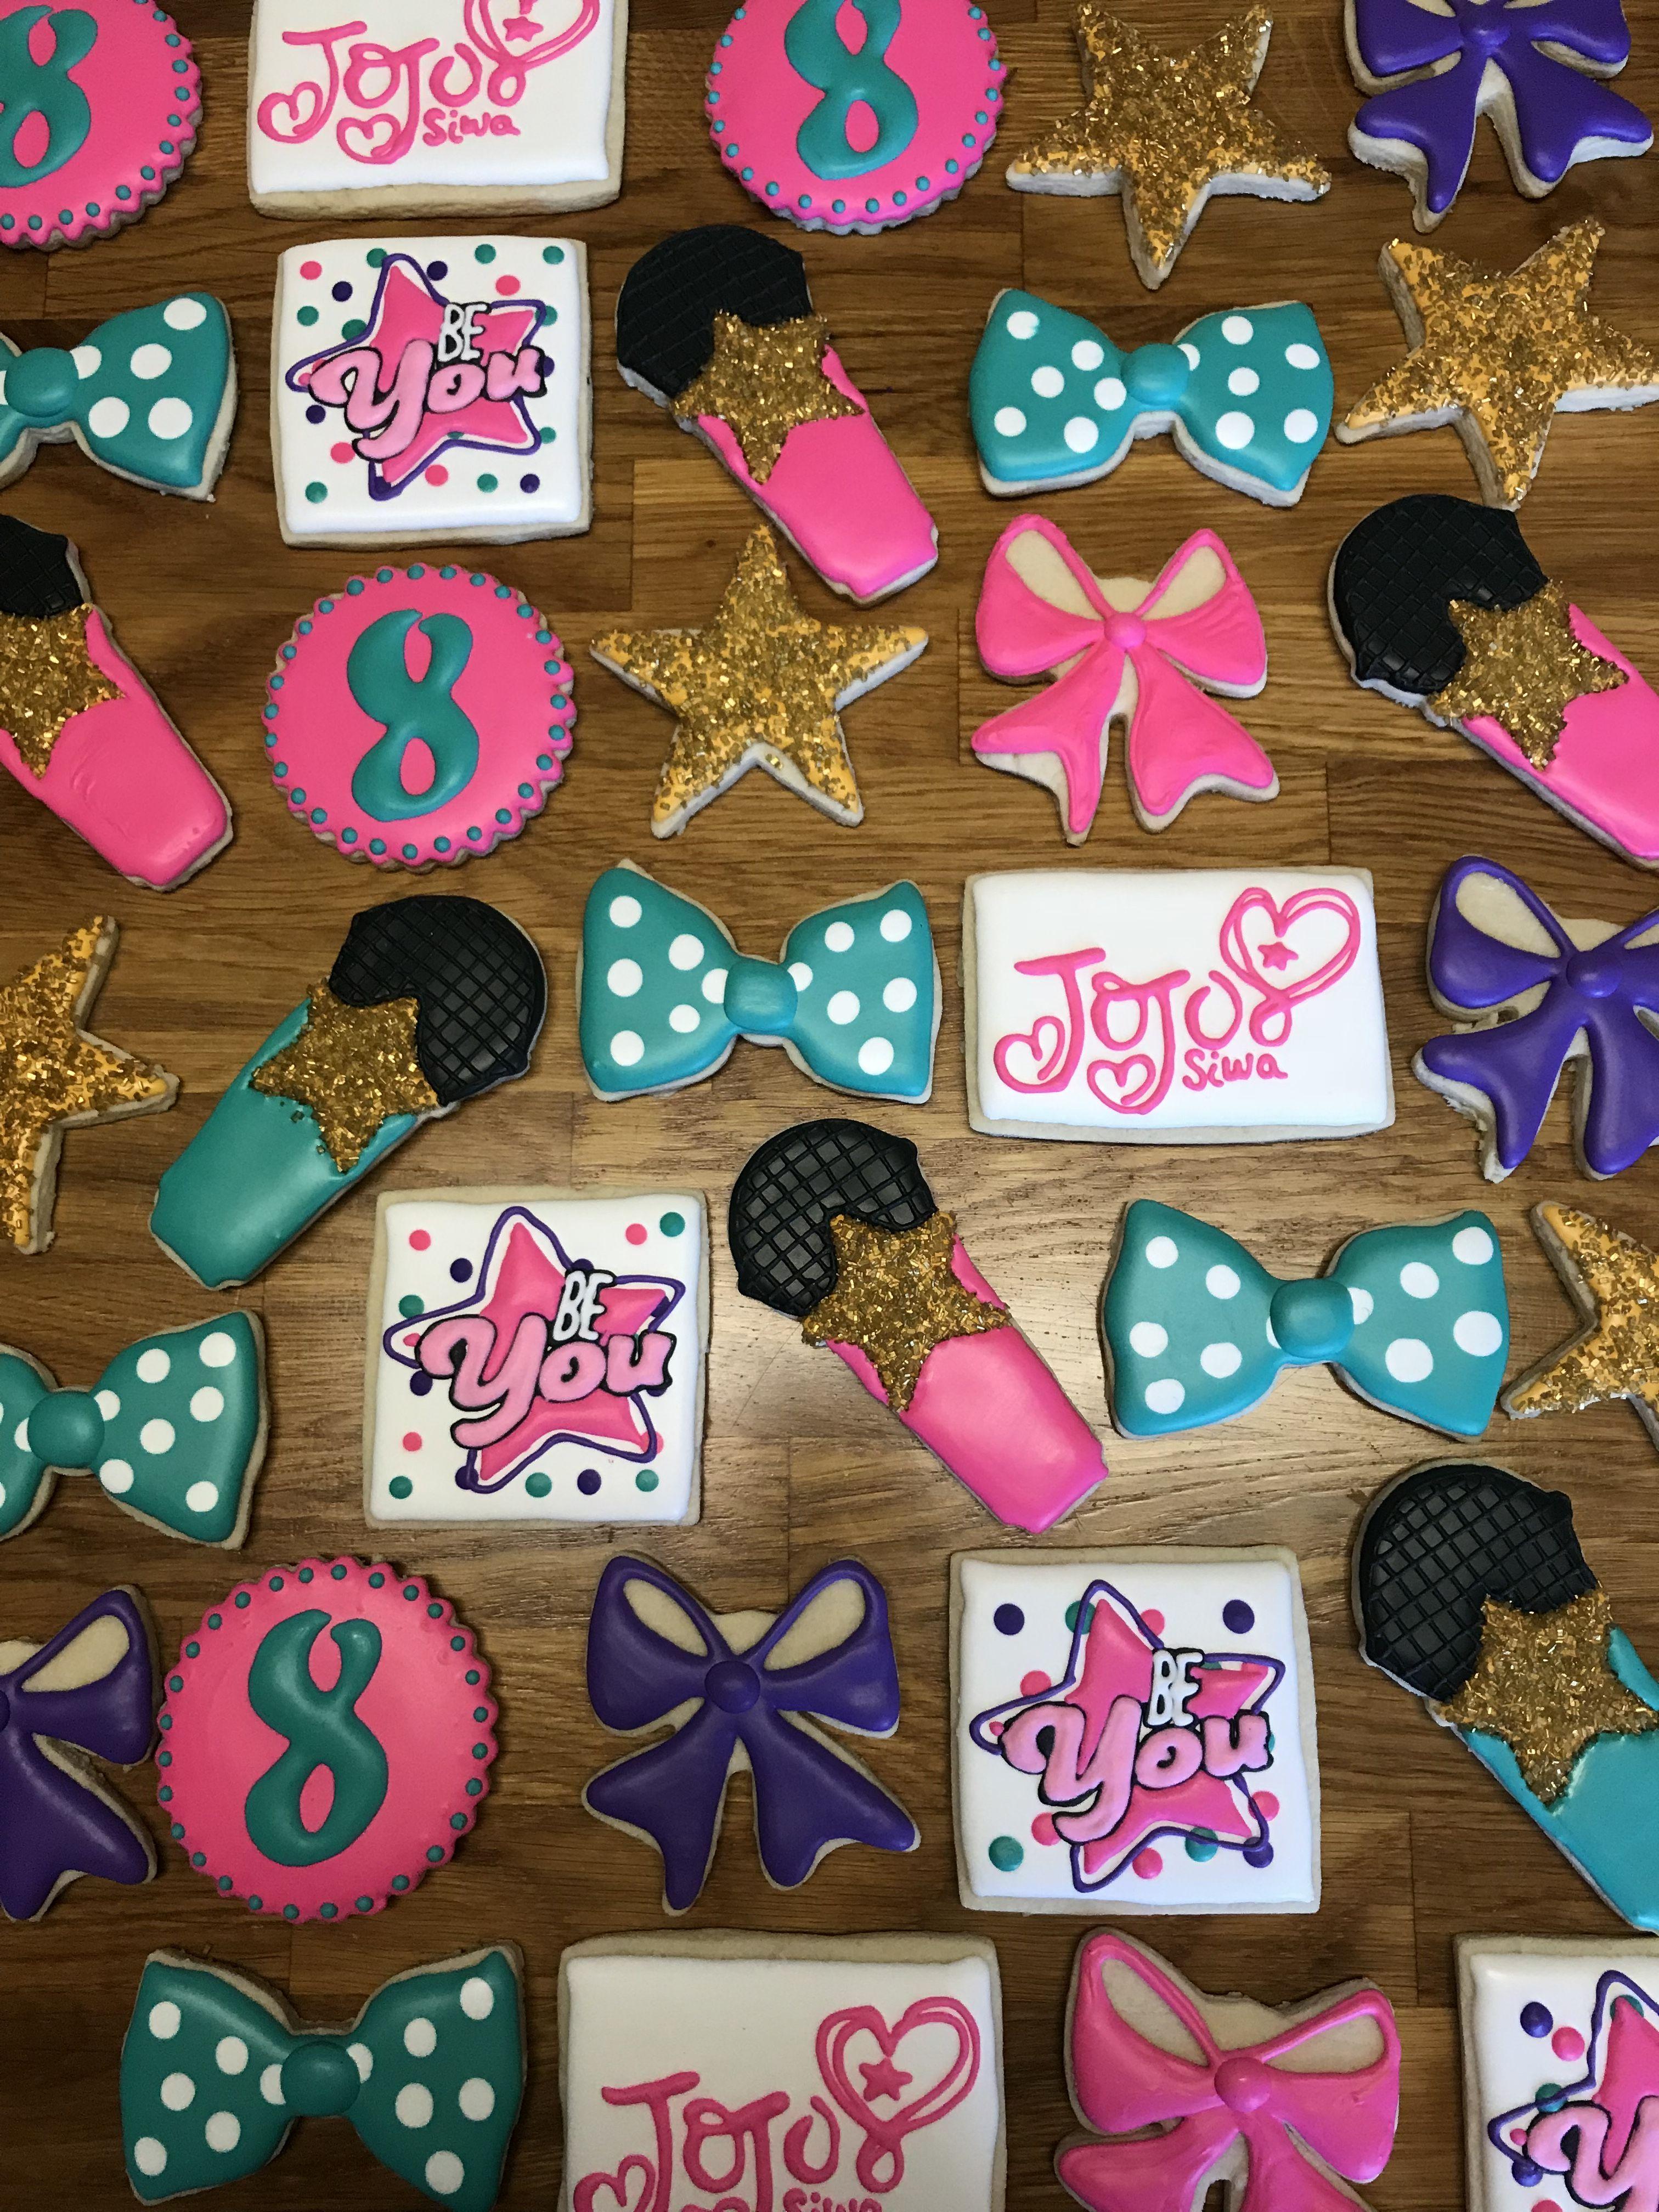 Jojo Siwa With Images Jojo Siwa Birthday Cake Jojo Siwa